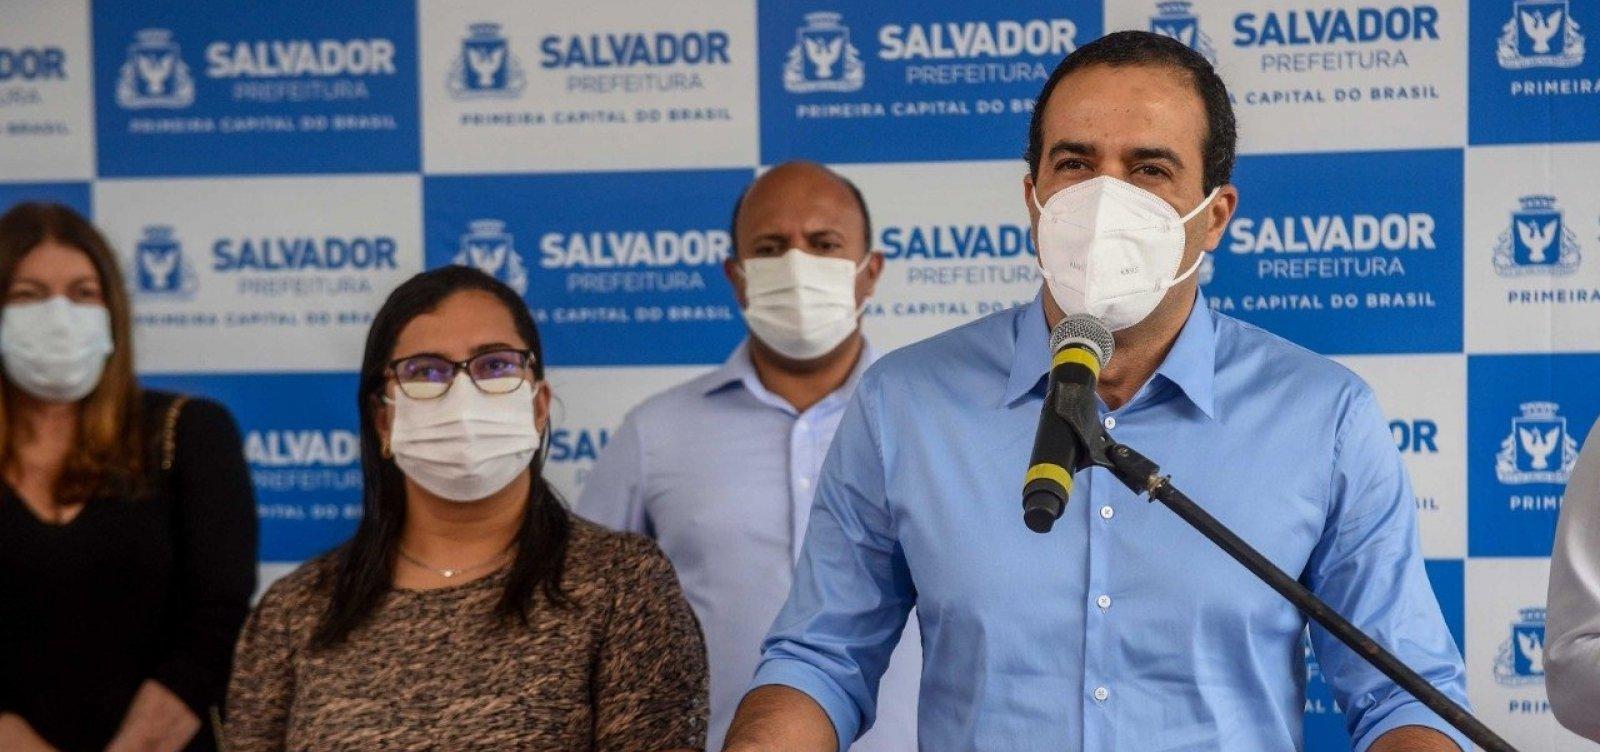 Prefeito cita risco de terceira onda e critica ritmo da vacinação em Salvador